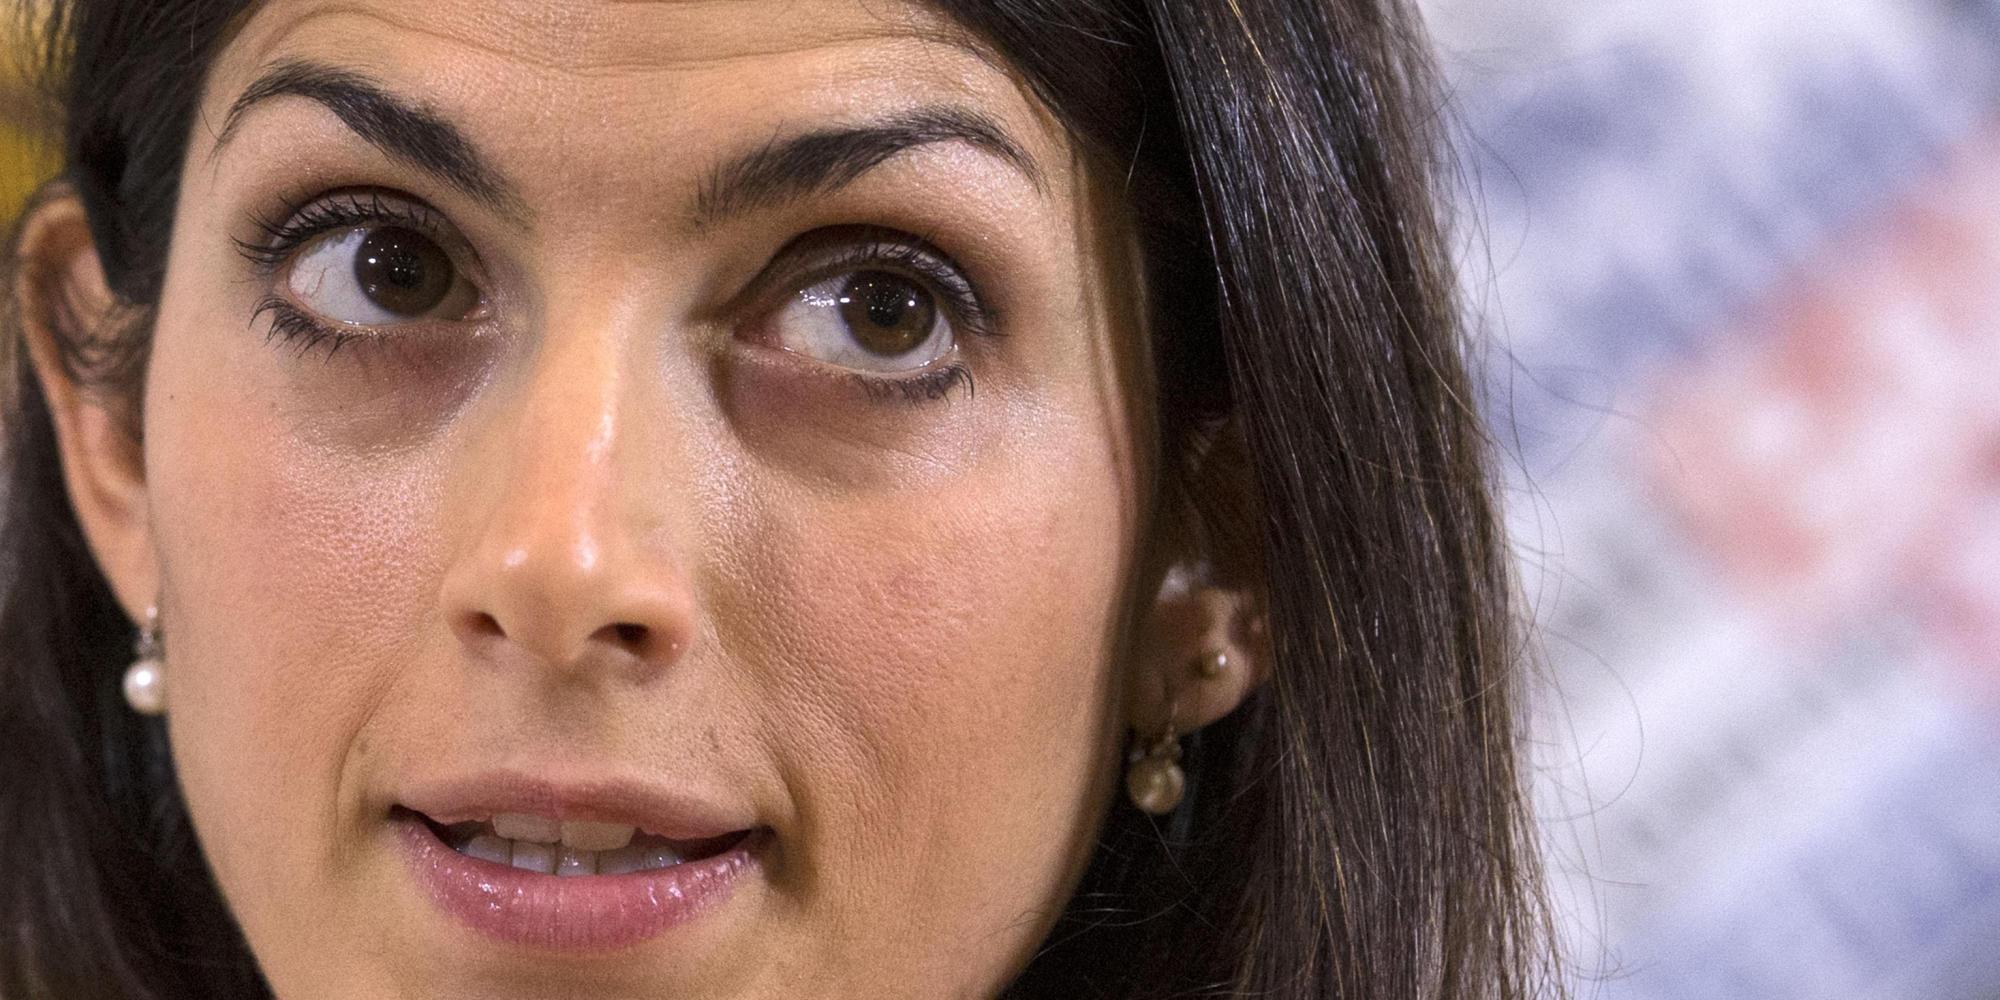 La candidata M5s a sindaco di Roma Virginia Raggi durante la conferenza stampa nella sede dell'Associazione Stampa Estera, Roma, 25 febbraio 2016.  ANSA/ MASSIMO PERCOSSI